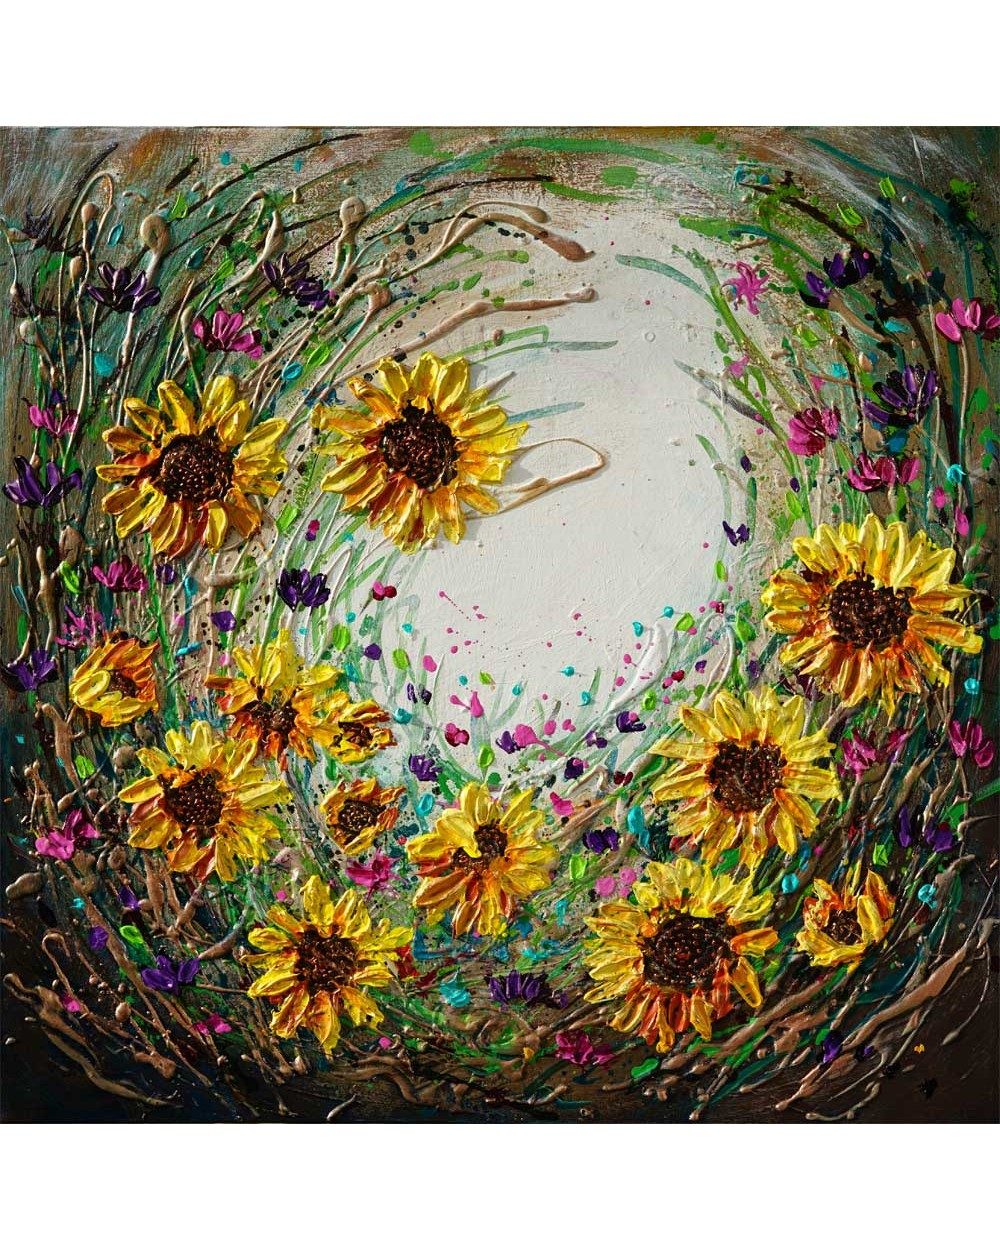 Delightful Sunflowers